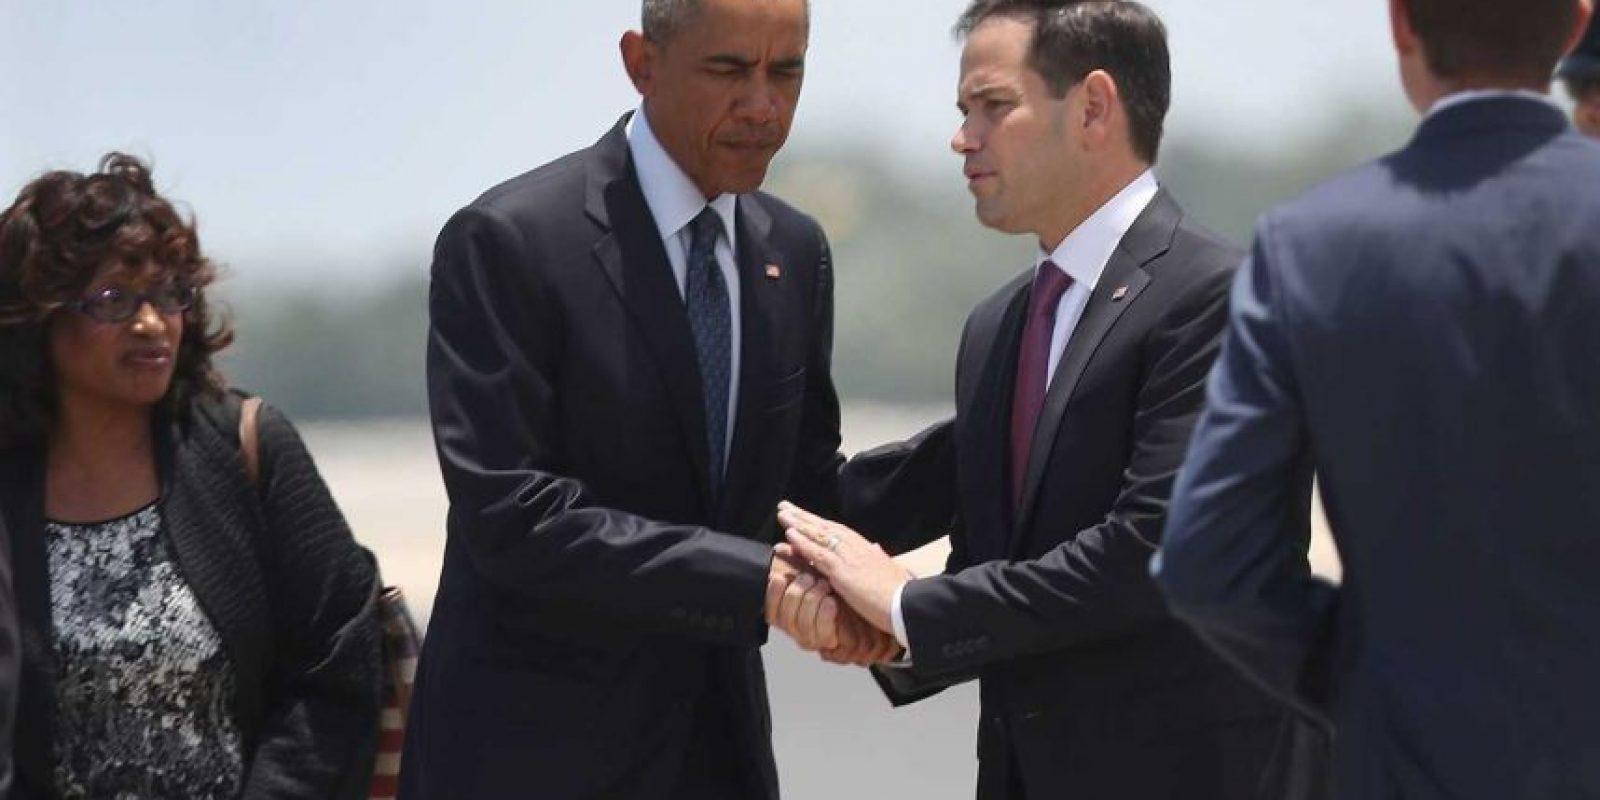 Estuvo acompañado por el senador Marco Rubio Foto: AFP. Imagen Por: